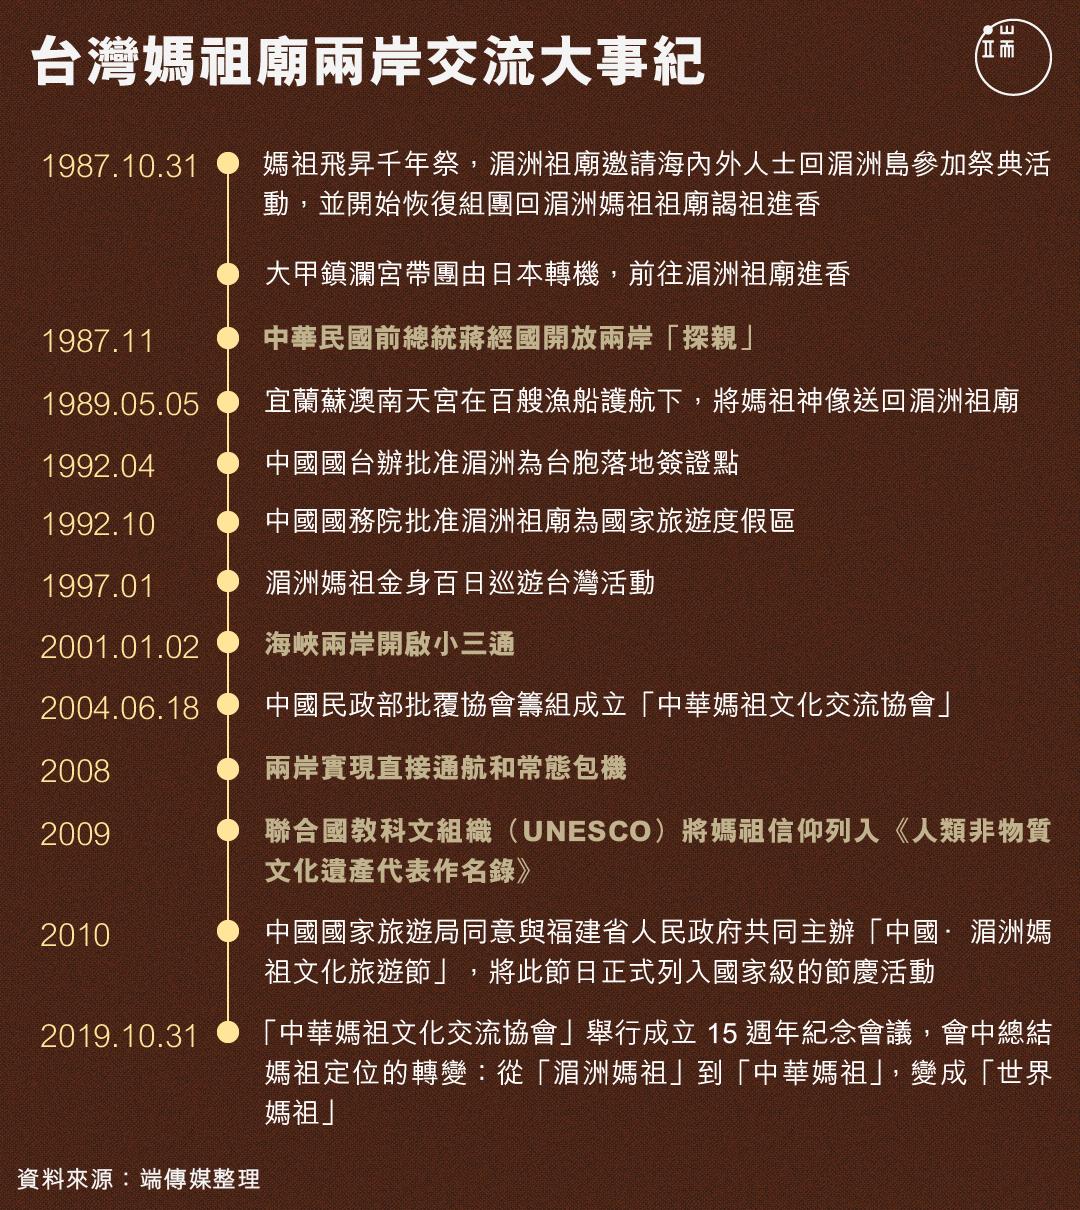 台灣媽祖廟兩岸交流大事紀。